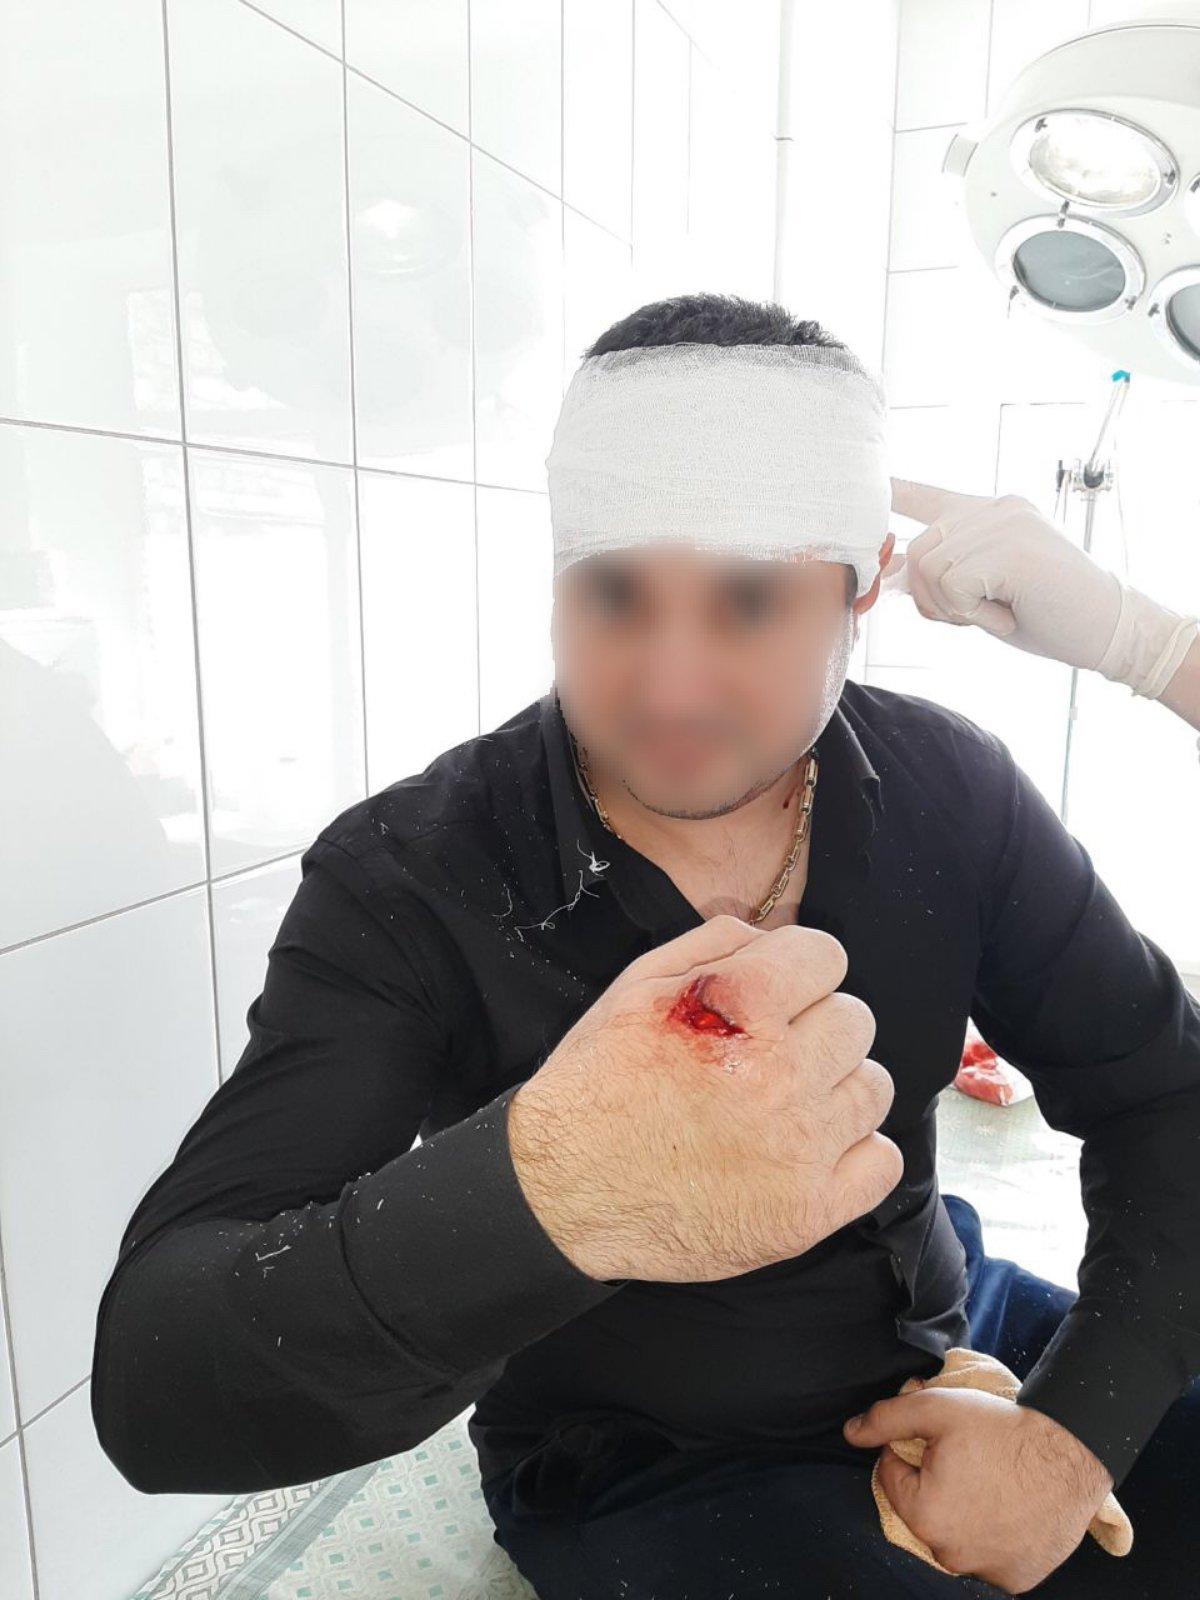 Стрілянина в Броварах: є постраждалі -  - yzobrazhenye viber 2020 02 28 16 42 42